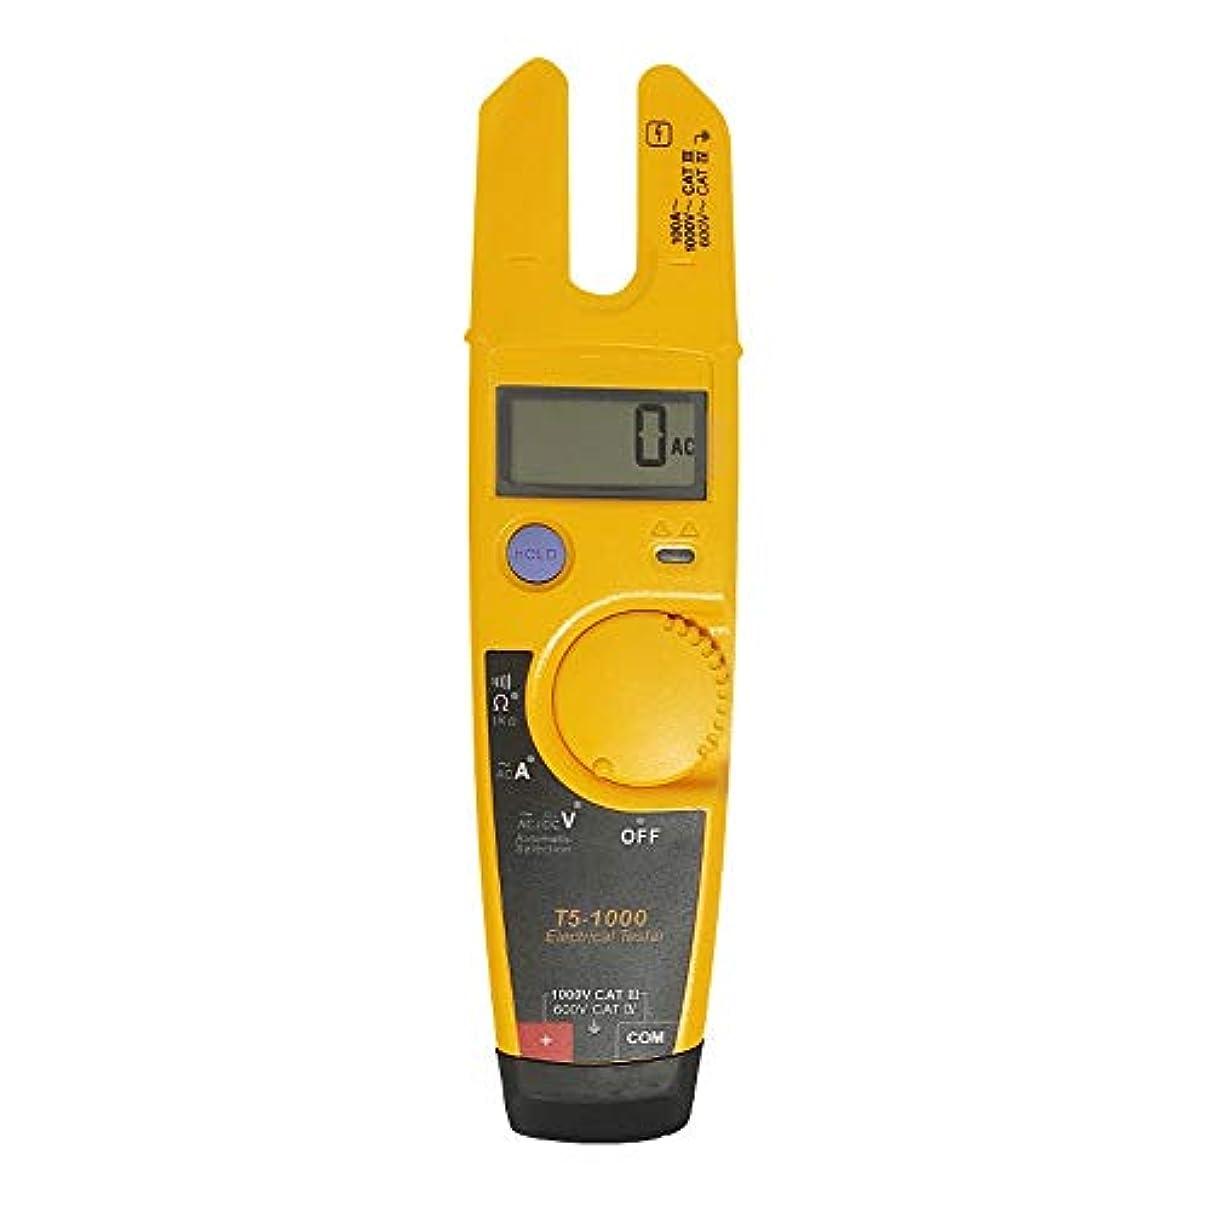 シェア許可貫入BTXXYJP Labloot ソフトケース付き T5-600 クランプメーター 電圧 連続電流 クランプメーター